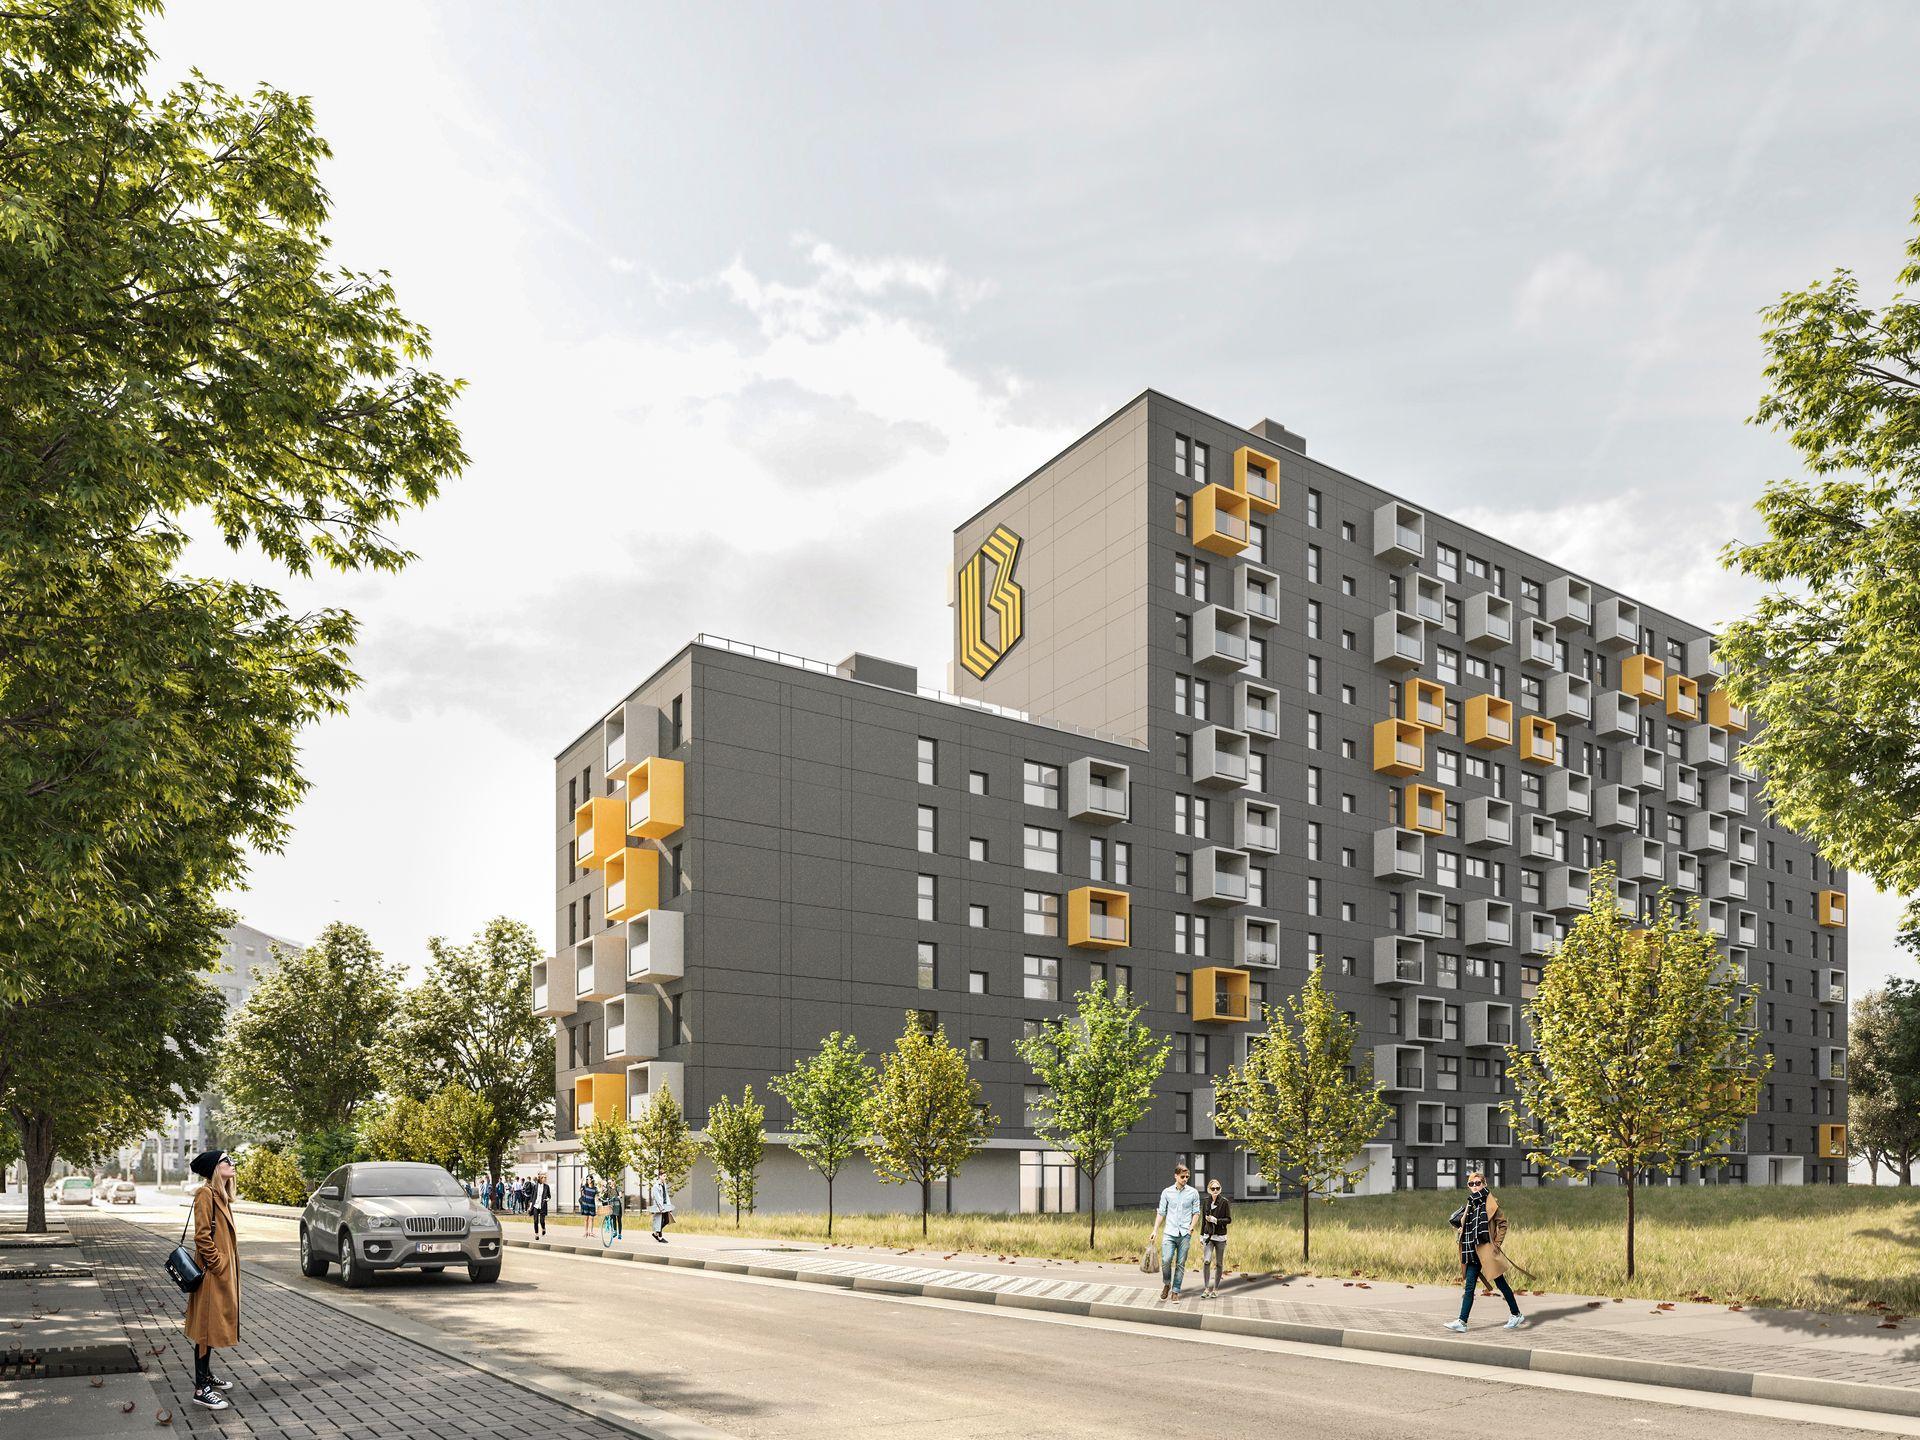 B URBAN = THE BEST URBAN, najlepszy miejski projekt inwestycyjny we Wrocławiu